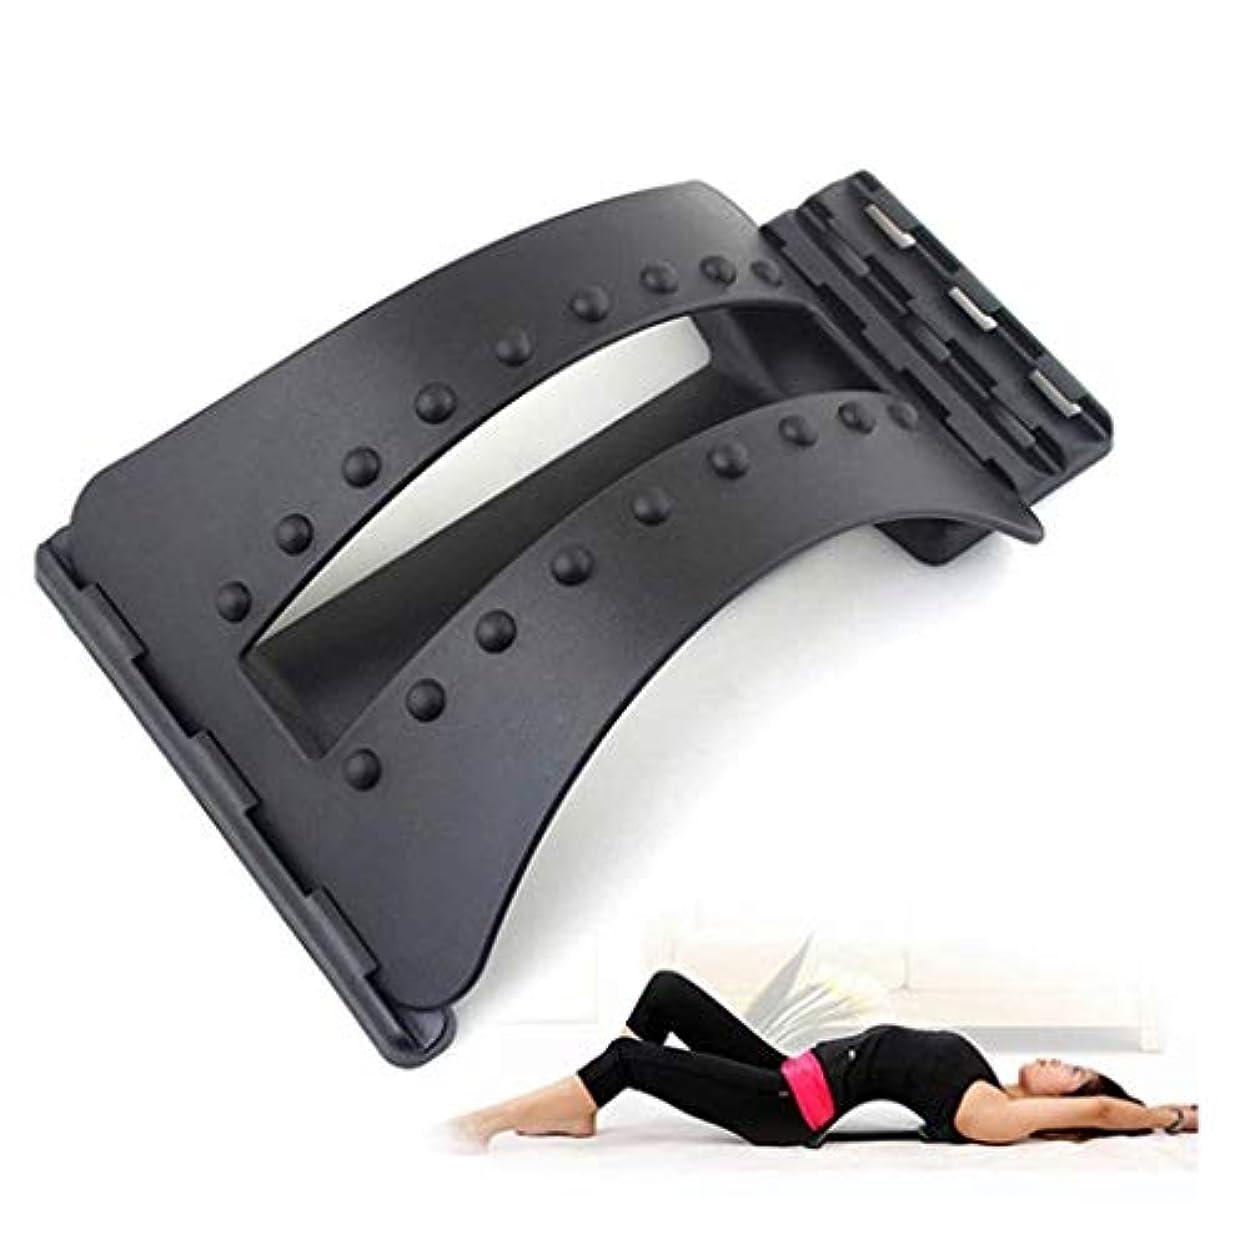 ブラストフォーラム鳩バックマッサージ、マジックバックサポートとストレッチストレッチャーマジックストレッチャーバックストレッチャー腰椎サポートデバイスリラクゼーションパートナー脊椎の痛みを軽減する脊椎マッサージ療法